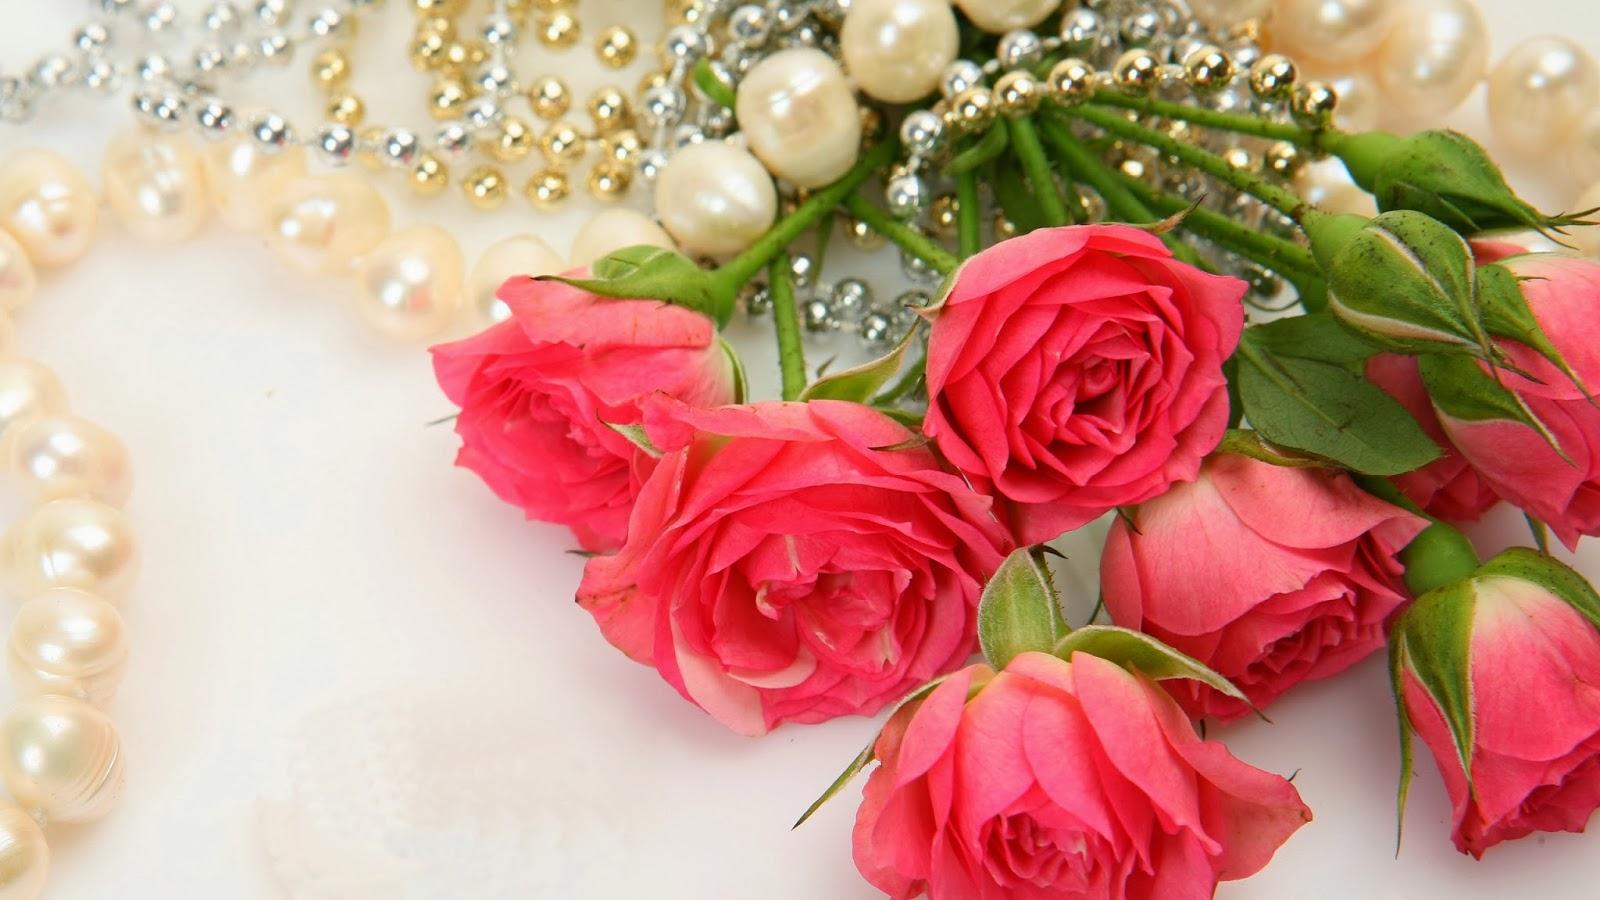 صورة صور ورد جميل , الورد وجماله وكثره اشكاله